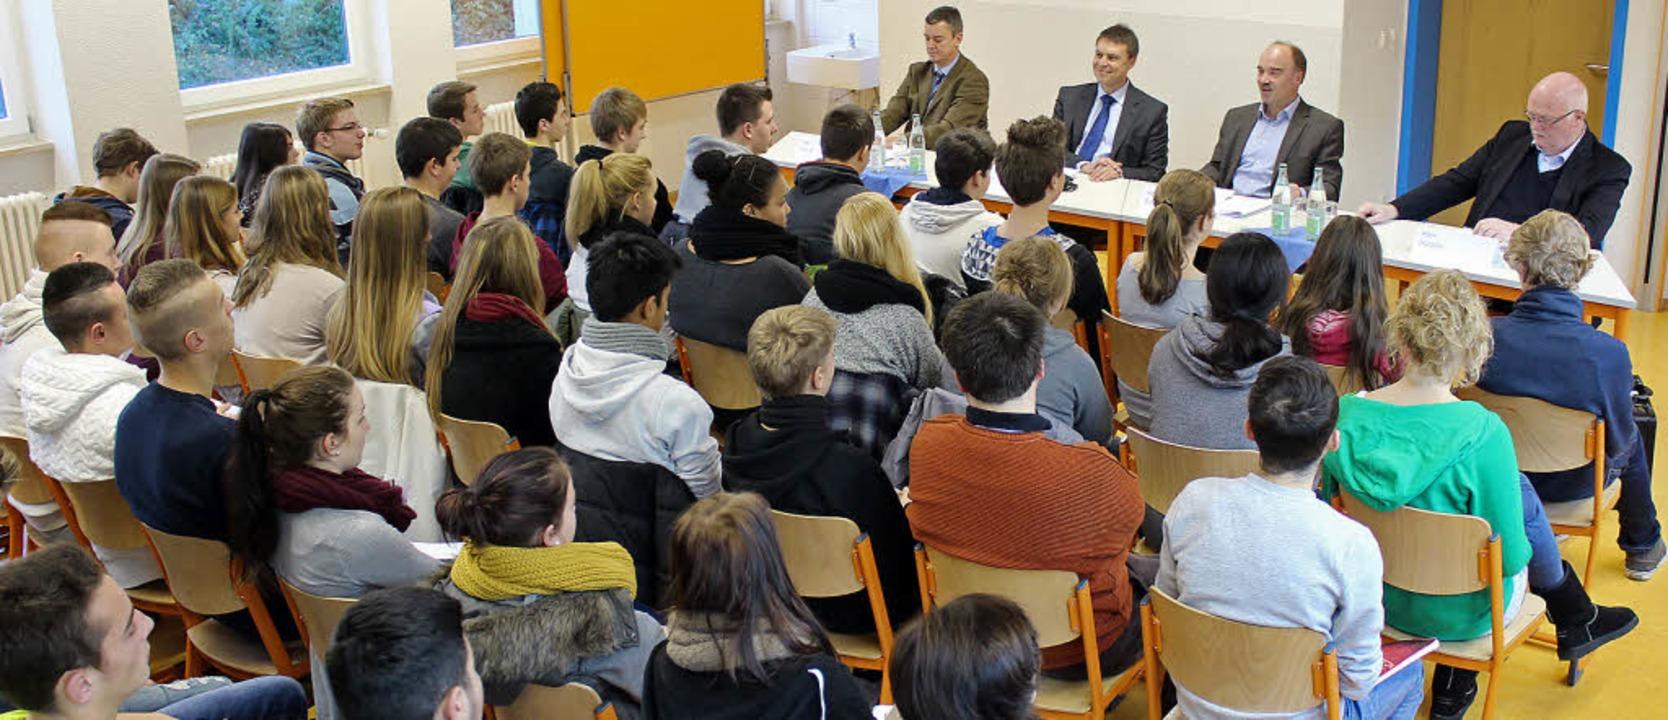 Fruchtbare Gespräche: Schüler der Wilh...st-Lay-Schule  und die Bürgermeister.   | Foto: Mario Schöneberg